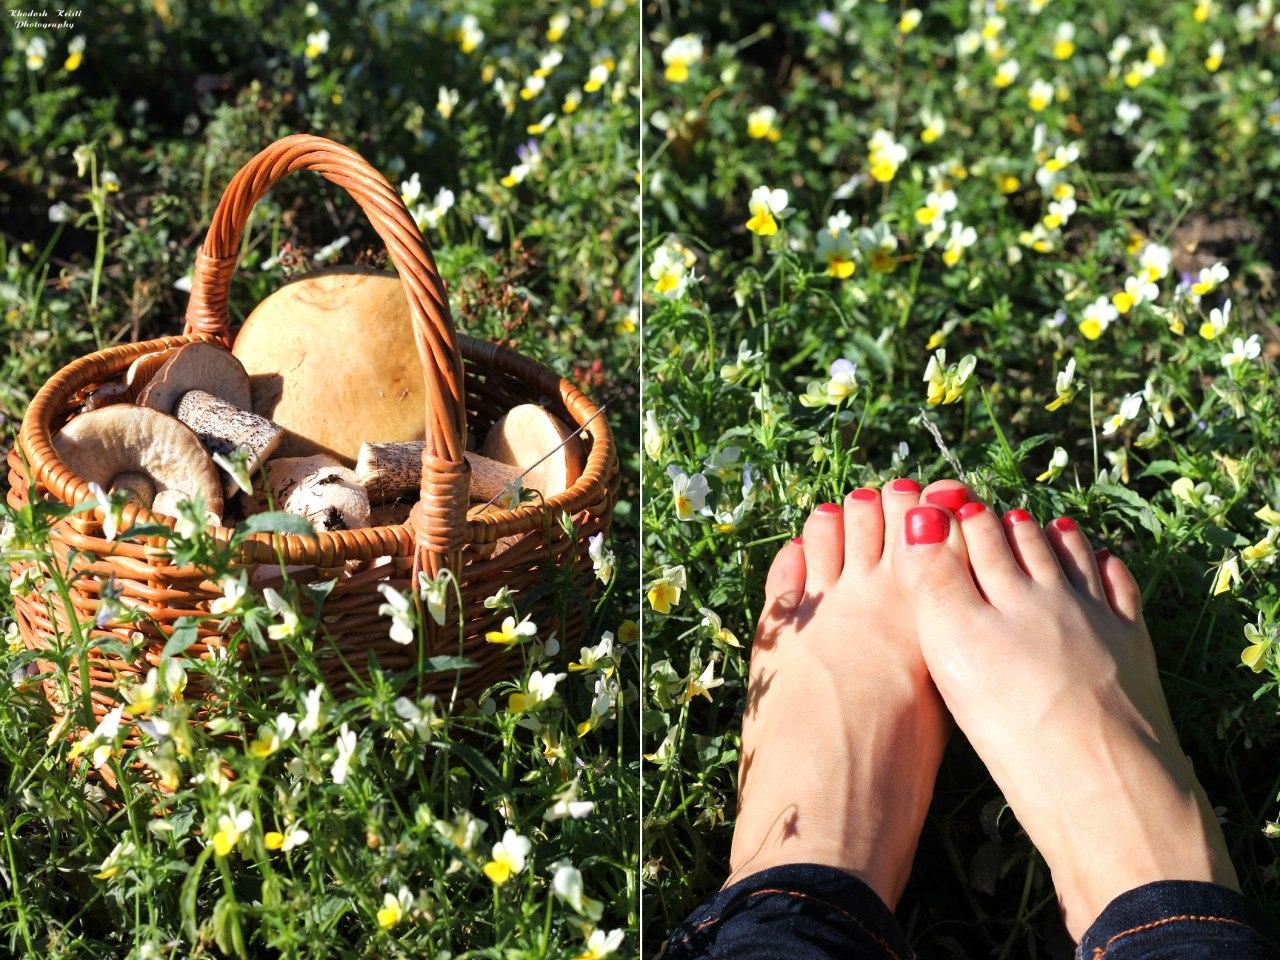 эротические рассказы как я ходил с маленькой девочкой по грибы